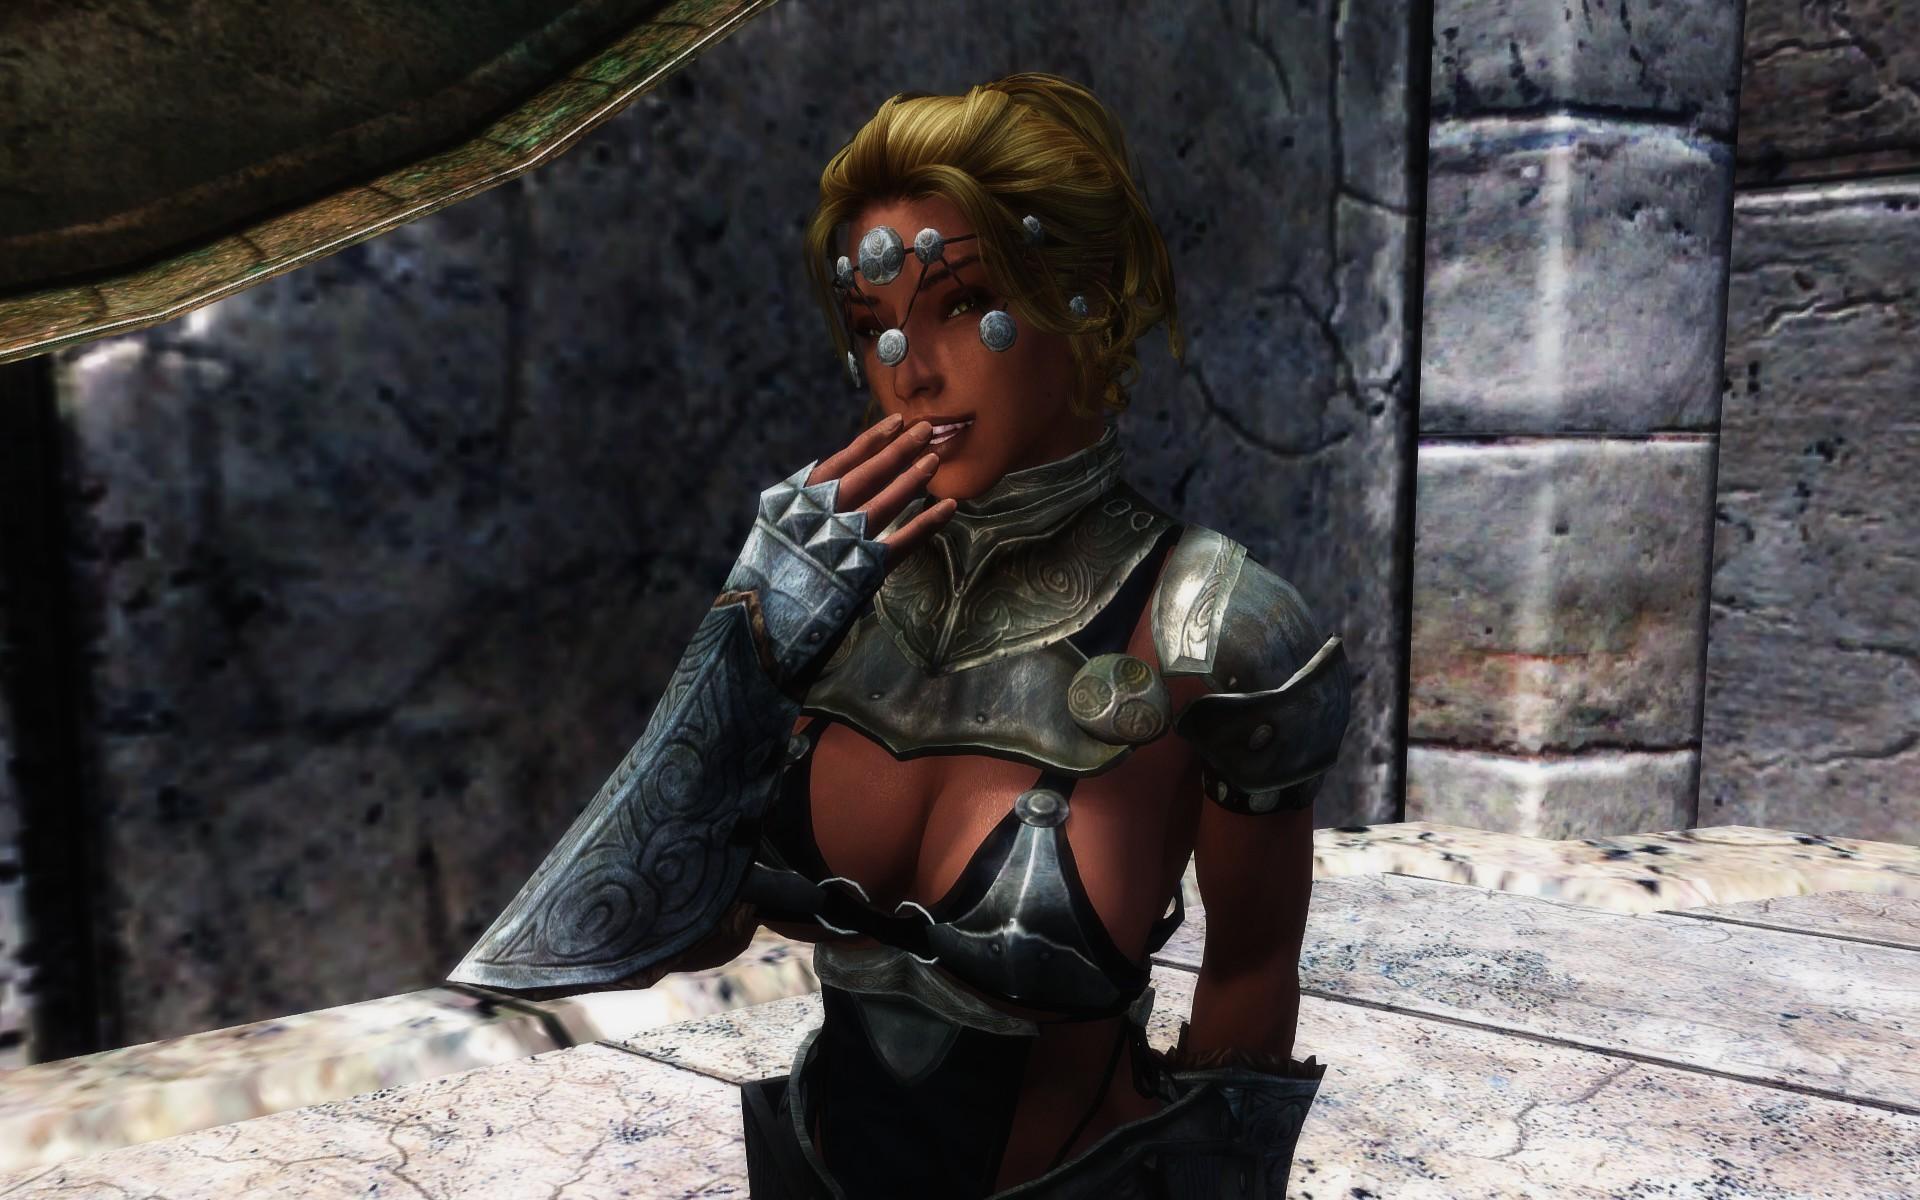 Смена текстурок, но они все еще не те, что были раньше... ((( - Elder Scrolls 5: Skyrim, the